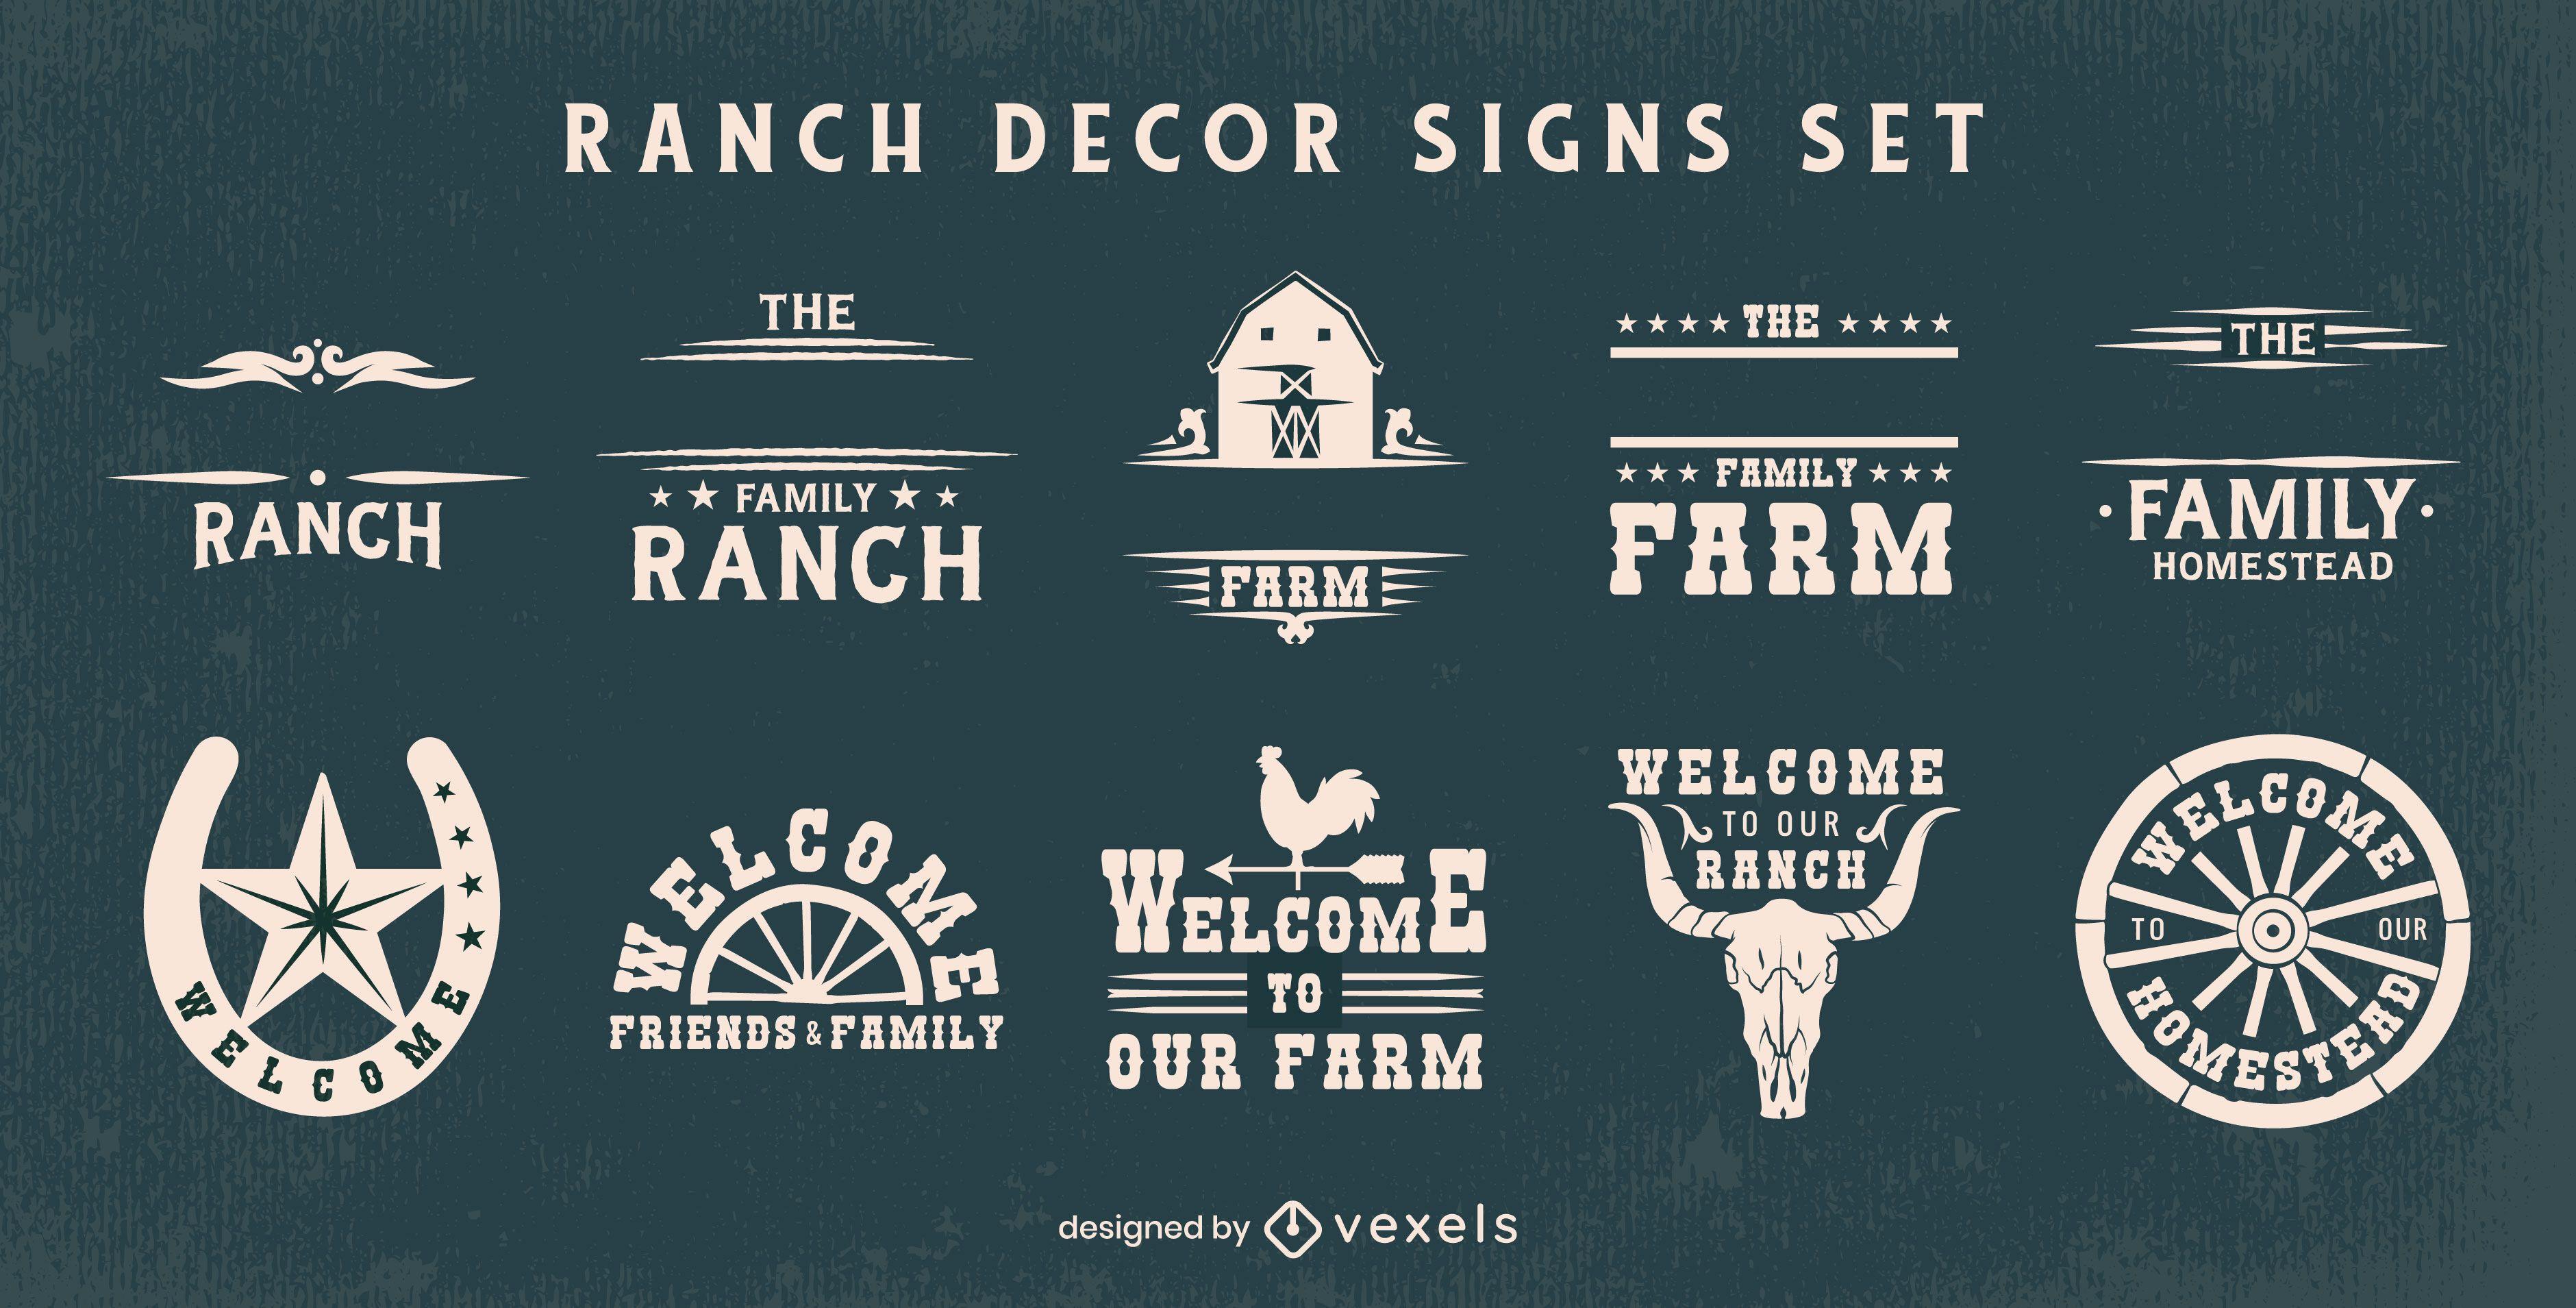 Ranch Farm Dekor Zeichensatz